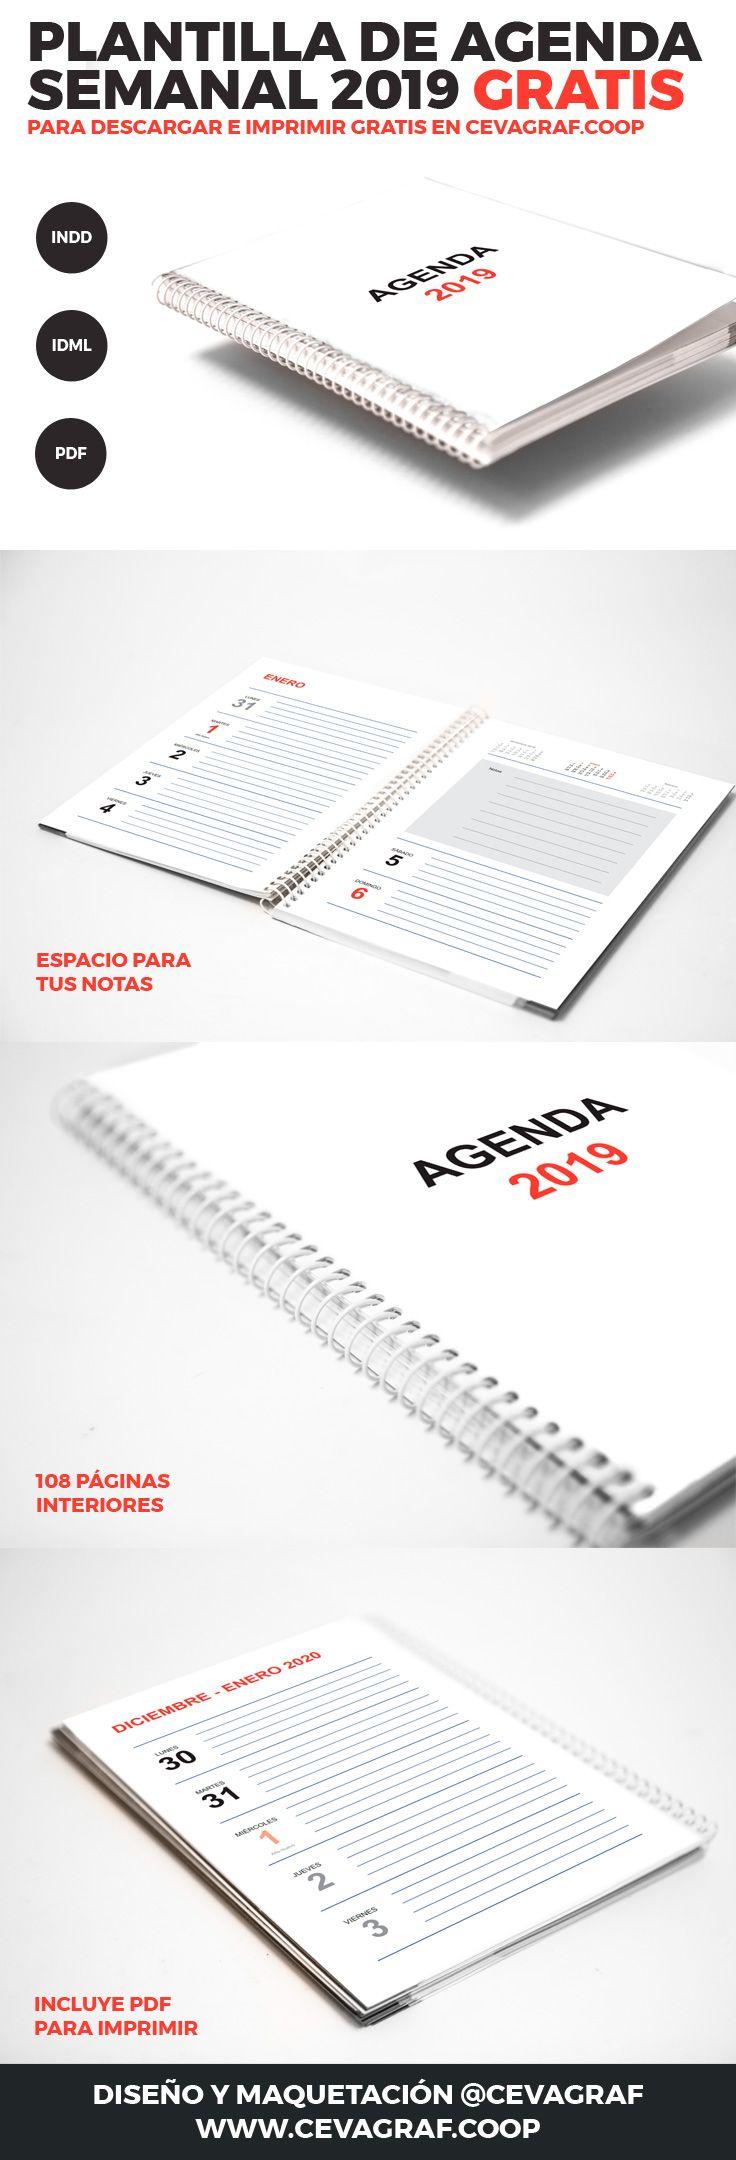 Agenda 2019 Plantilla Gratis para Imprimir